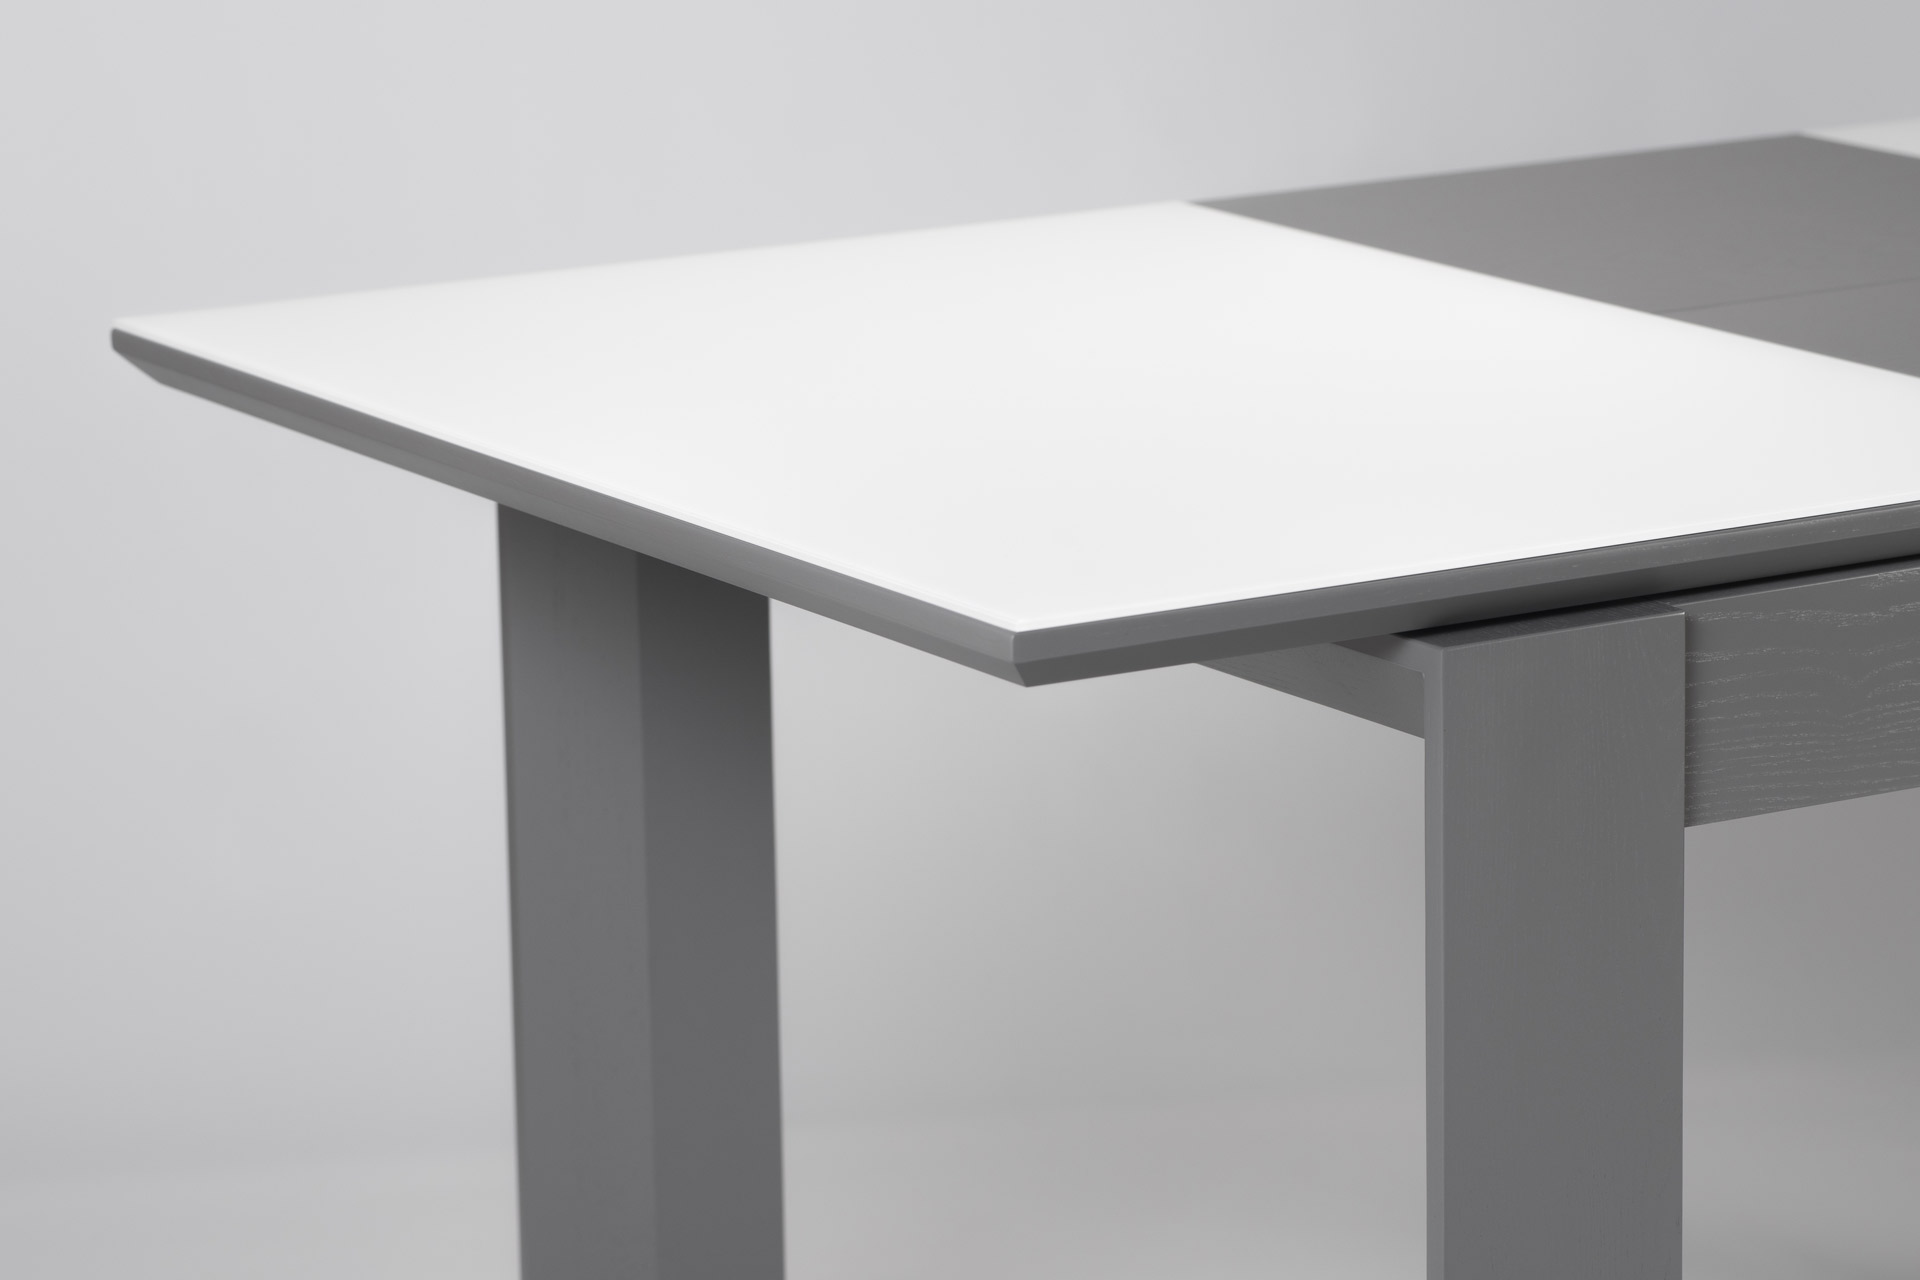 Кухонний стіл Мілан, з натурального дерева, з білою прумокутною стільницею зі склянним покриттям